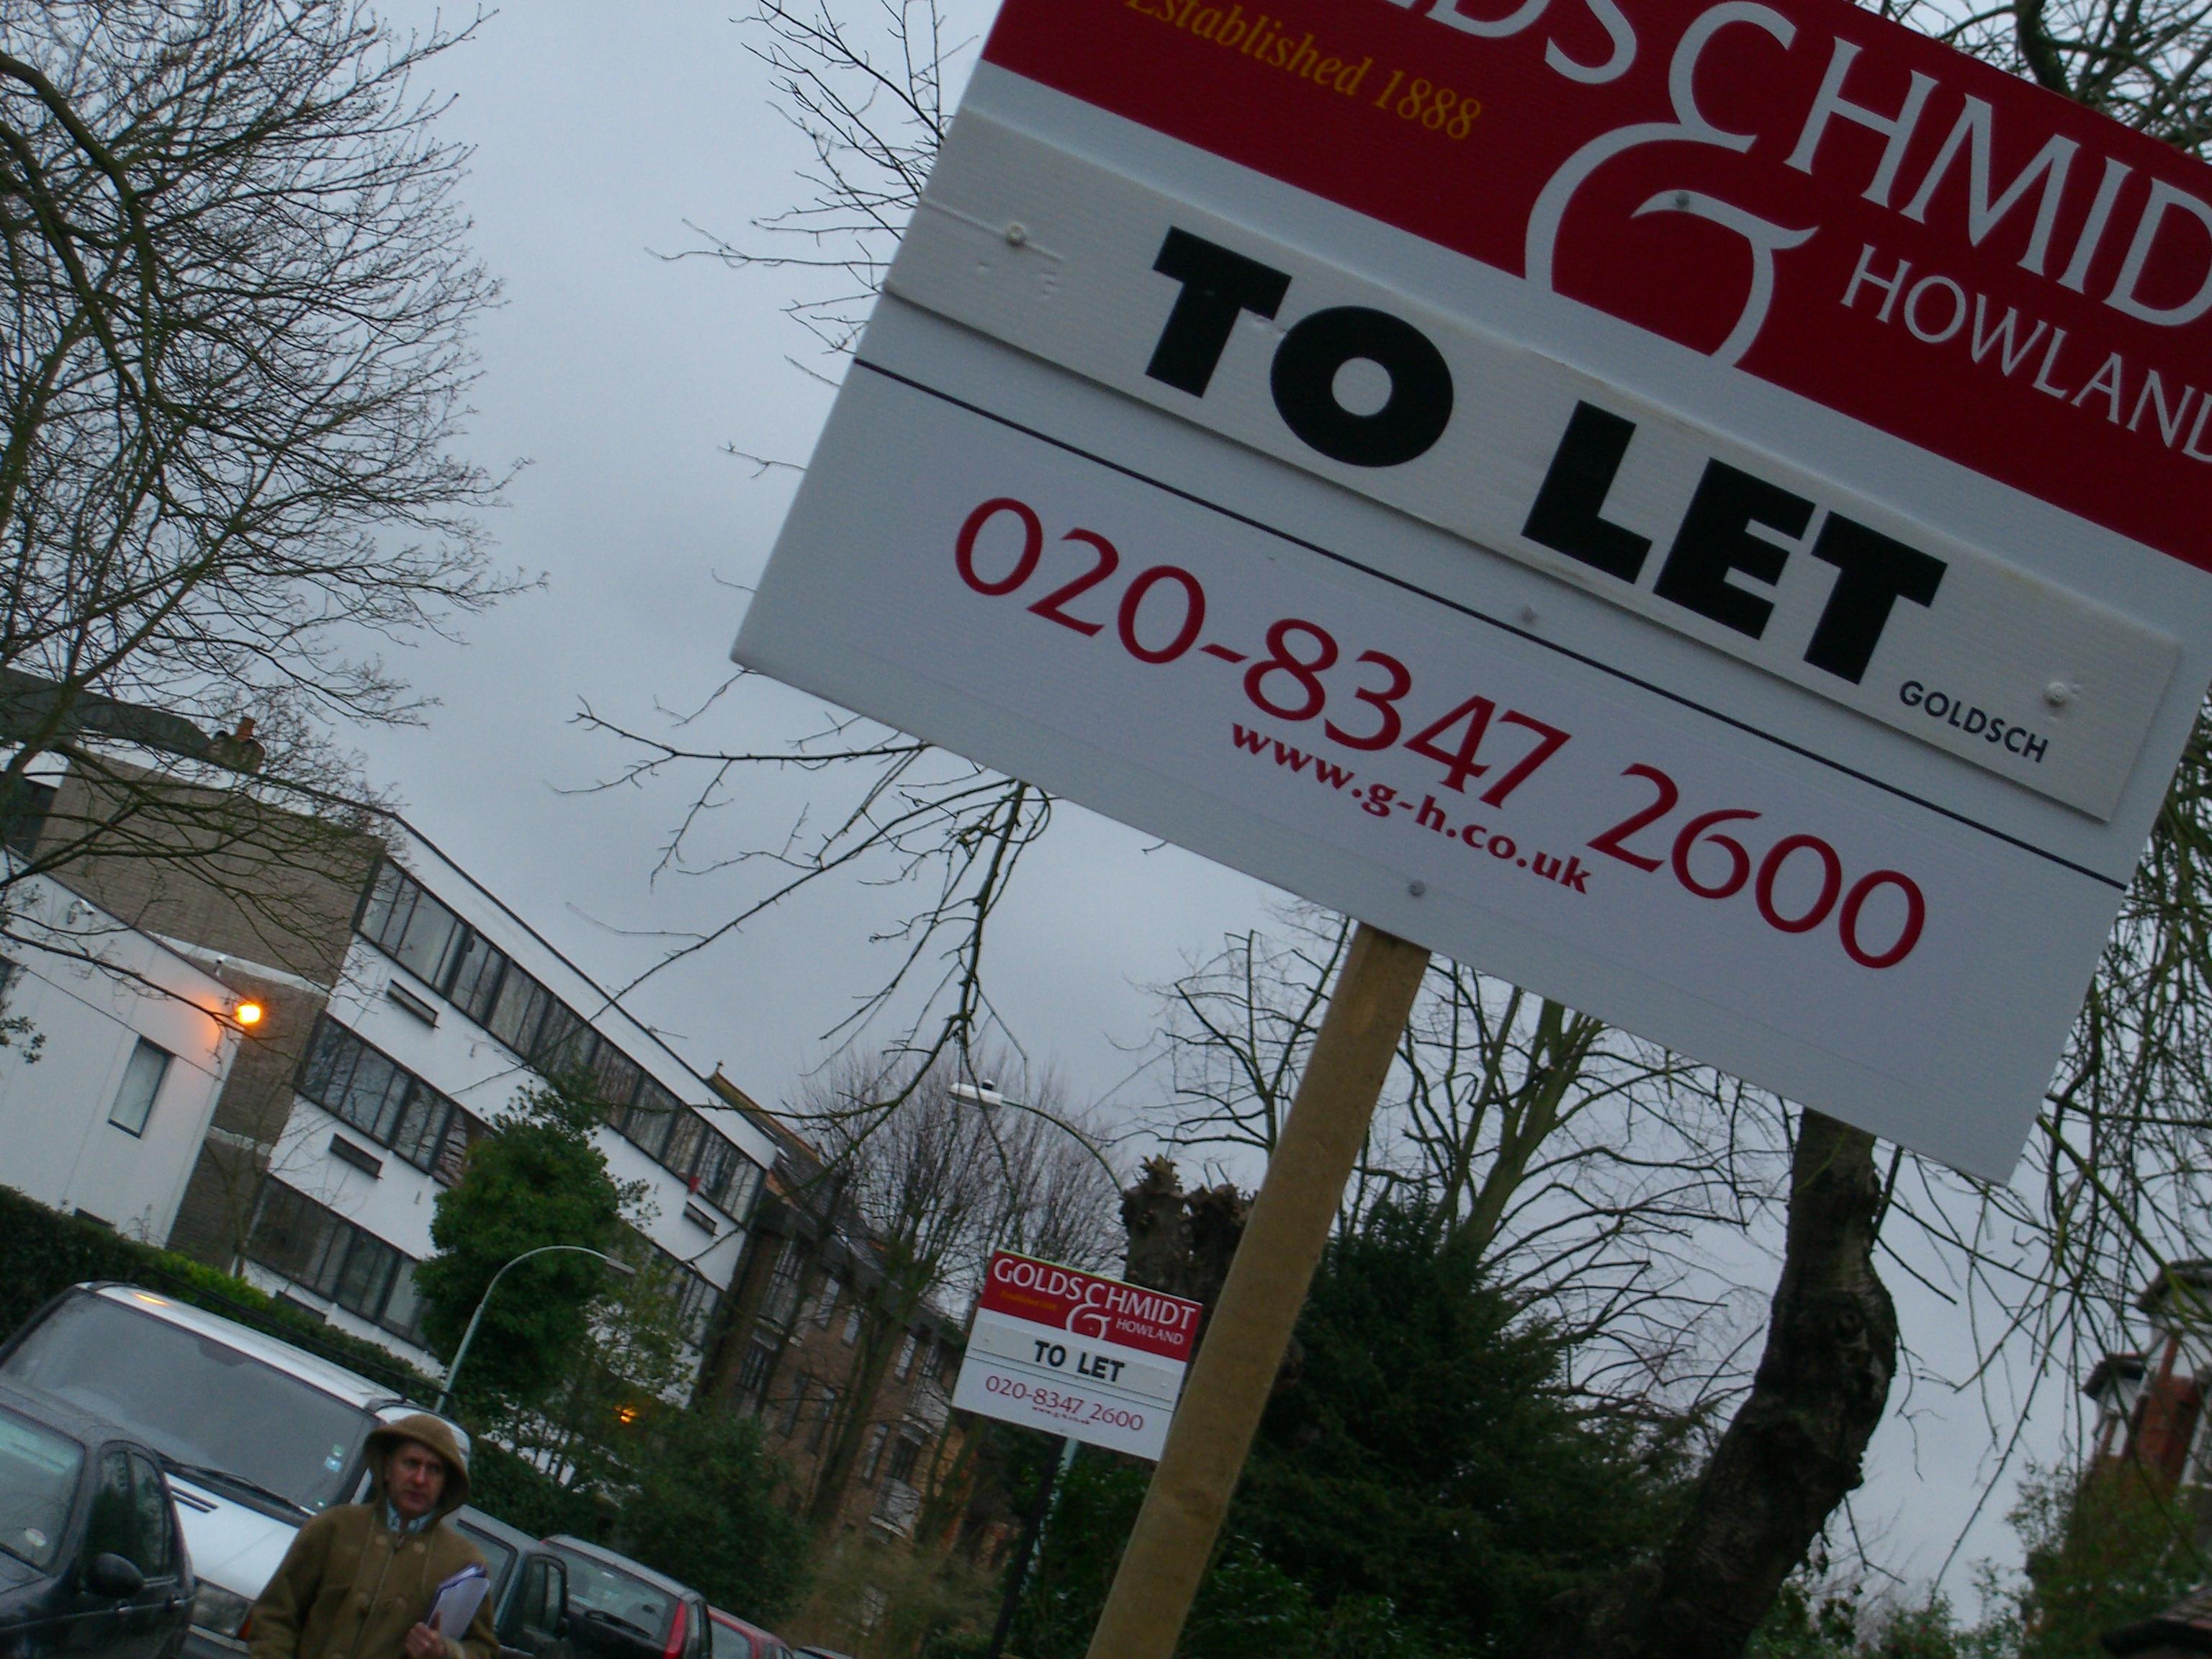 ロンドンでは、住みたいと思う地域に不動産を買えるイギリス人が10人に一人しかいない。投資家による購入が多く「賃貸入居者募集」の看板があちこちに立つ© FUKUOKA Nao